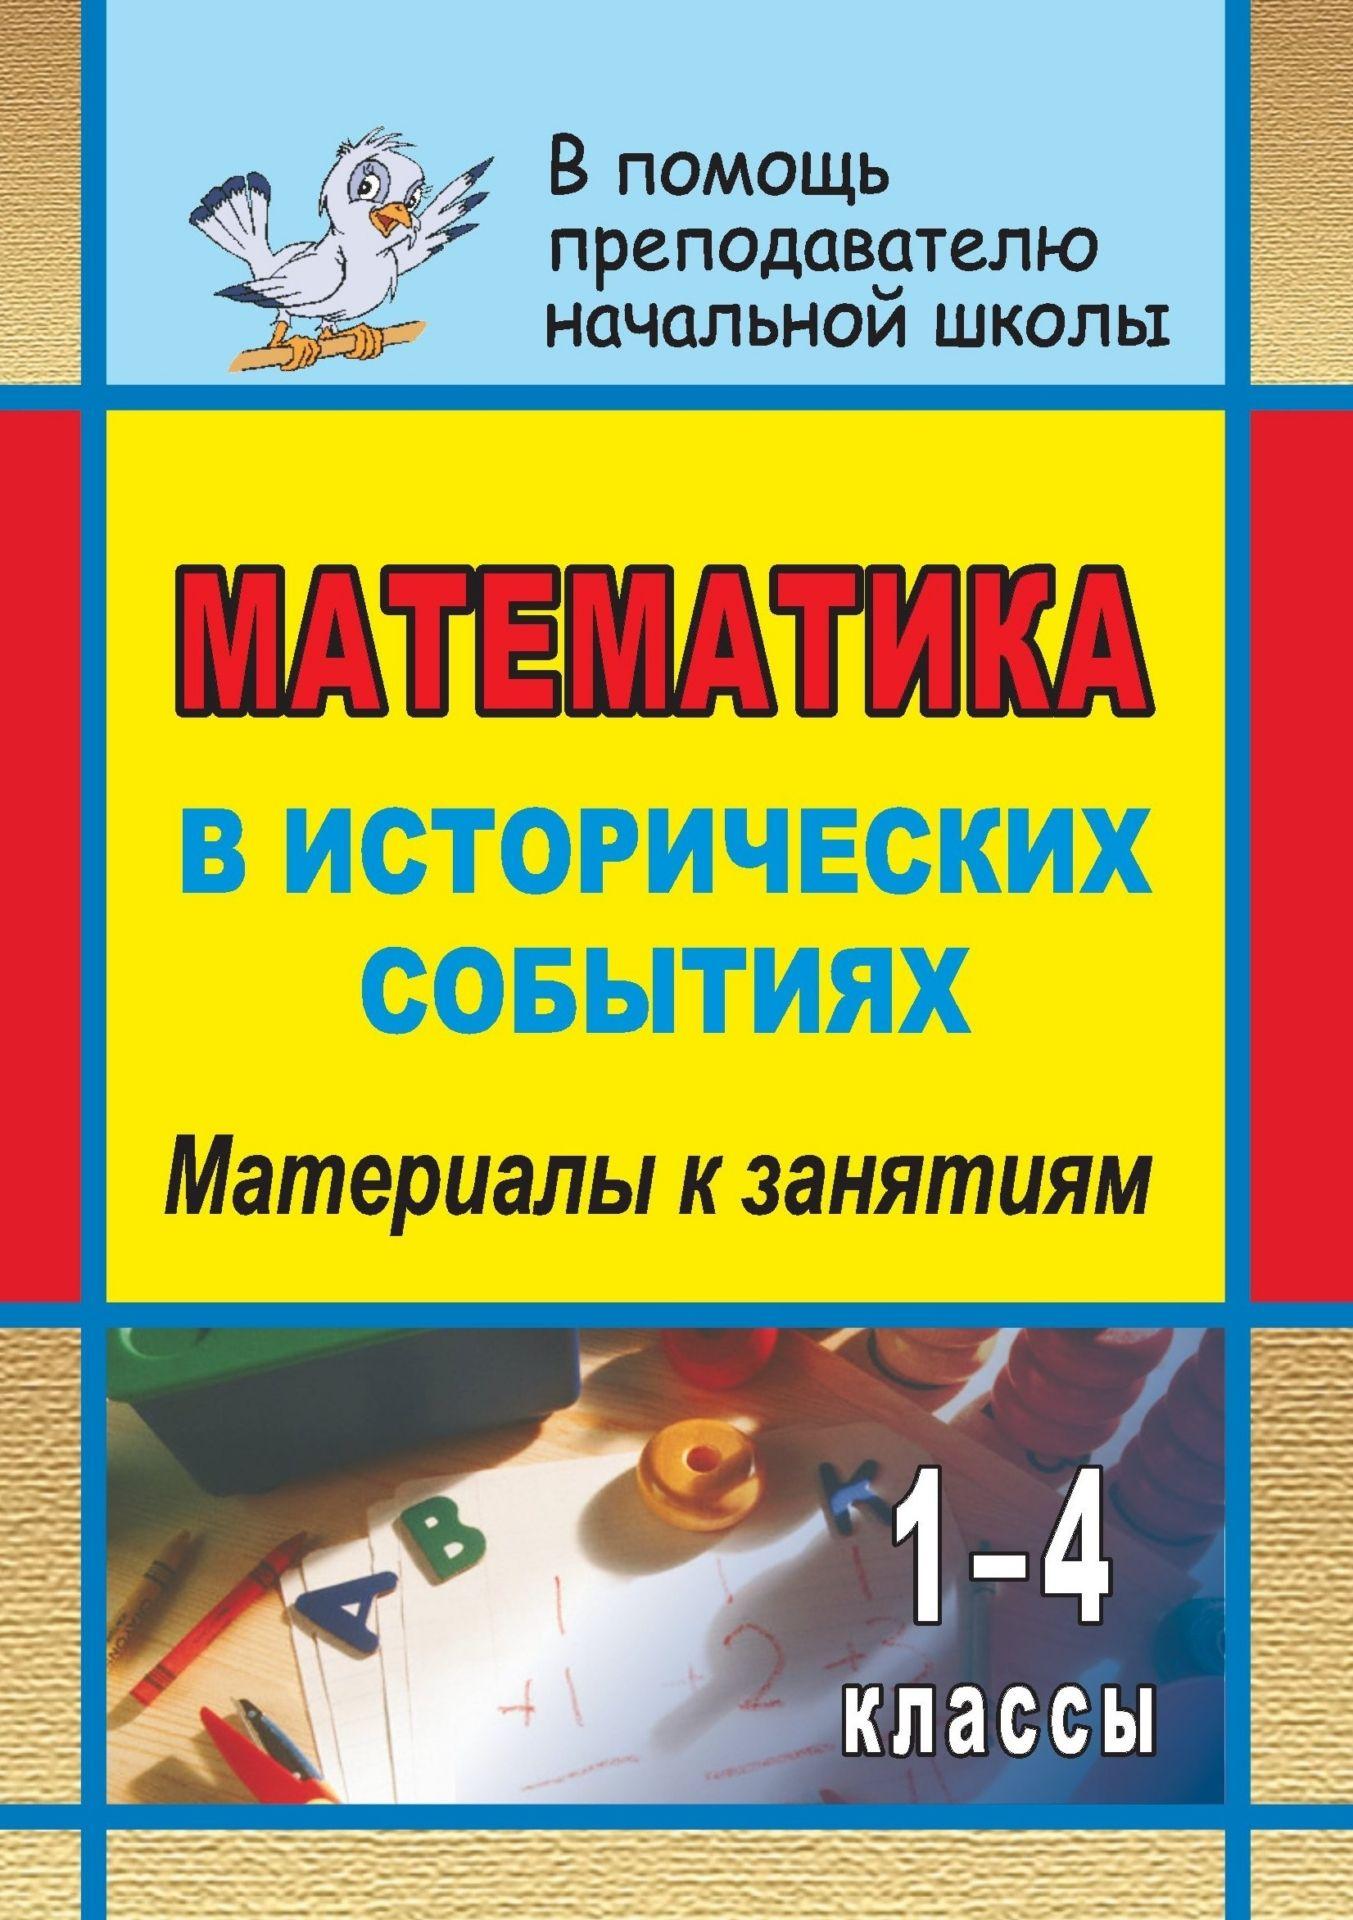 Математика в исторических событиях. 1-4 классы: материалы к занятиям